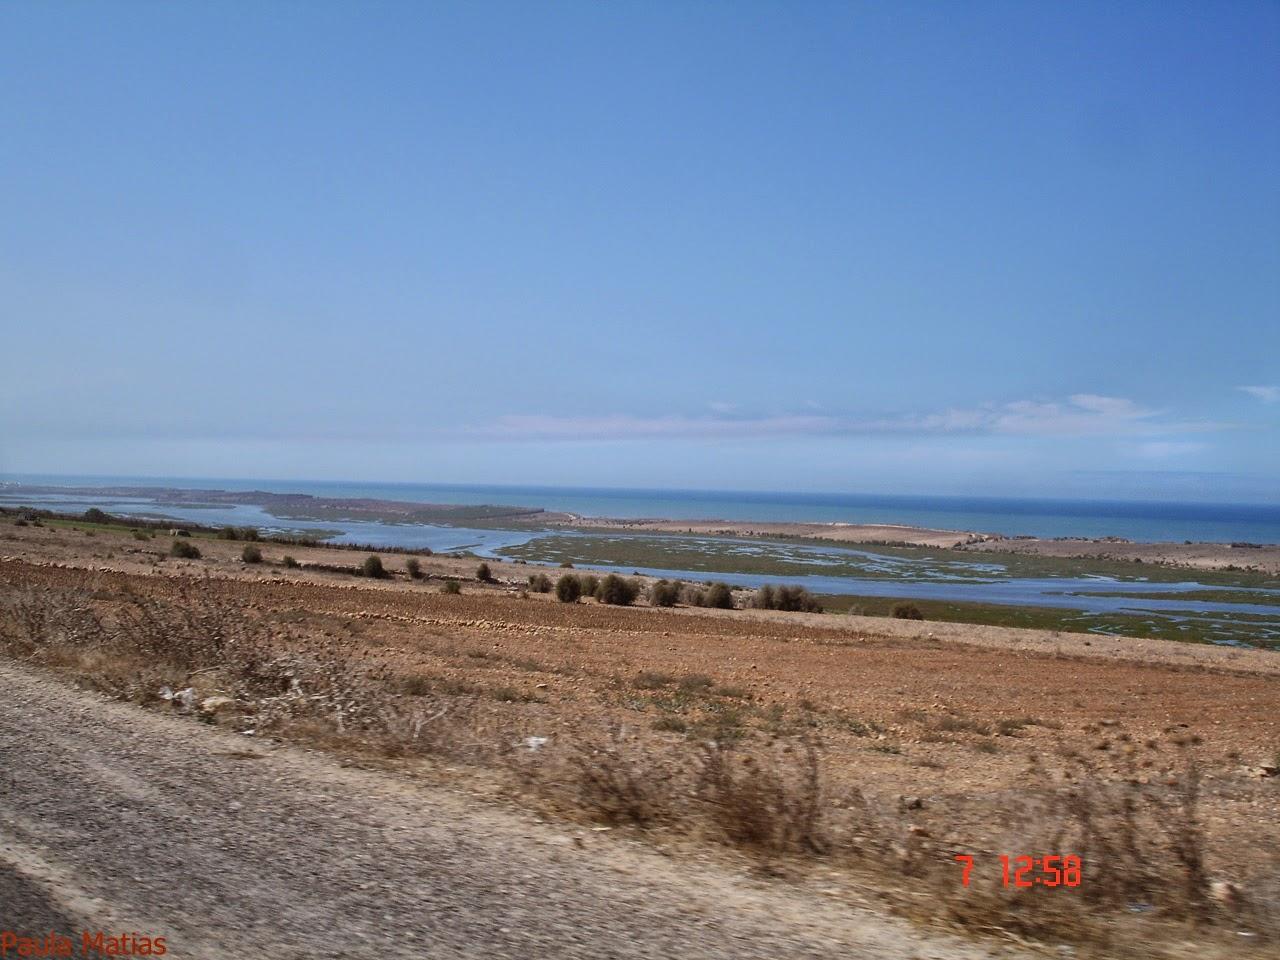 marrocos - Marrocos 2014 - O regresso  DSC03223_new